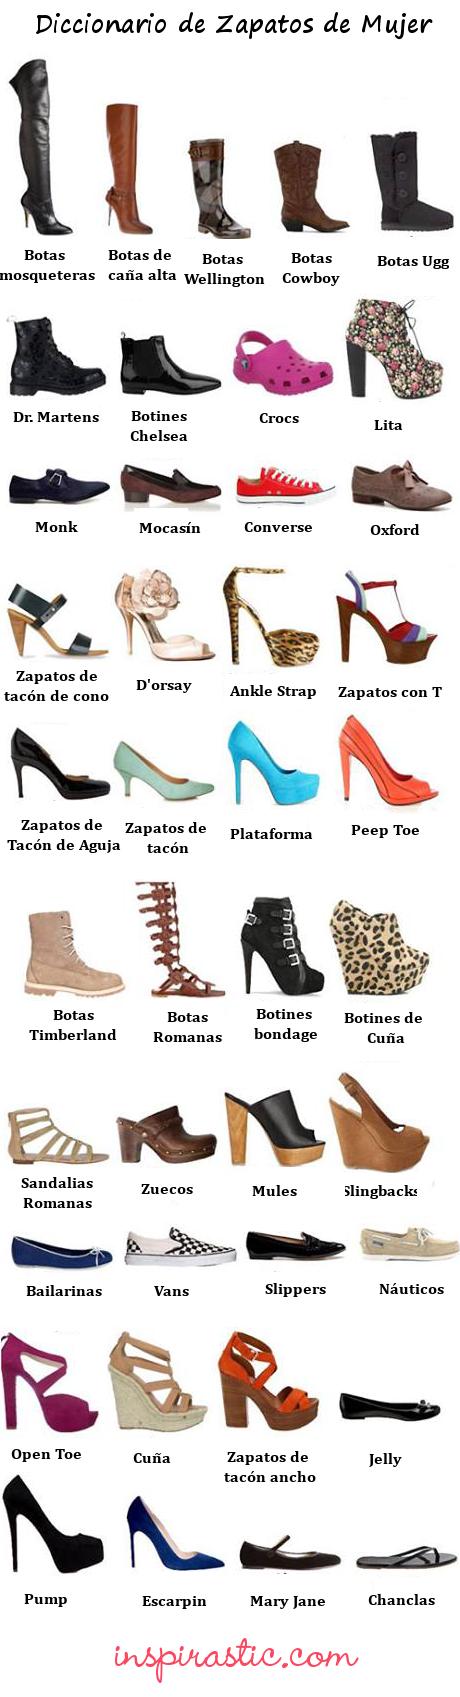 9289cb315bbc Resultado de imagem para zapatos español vocabulario | Membuat ...